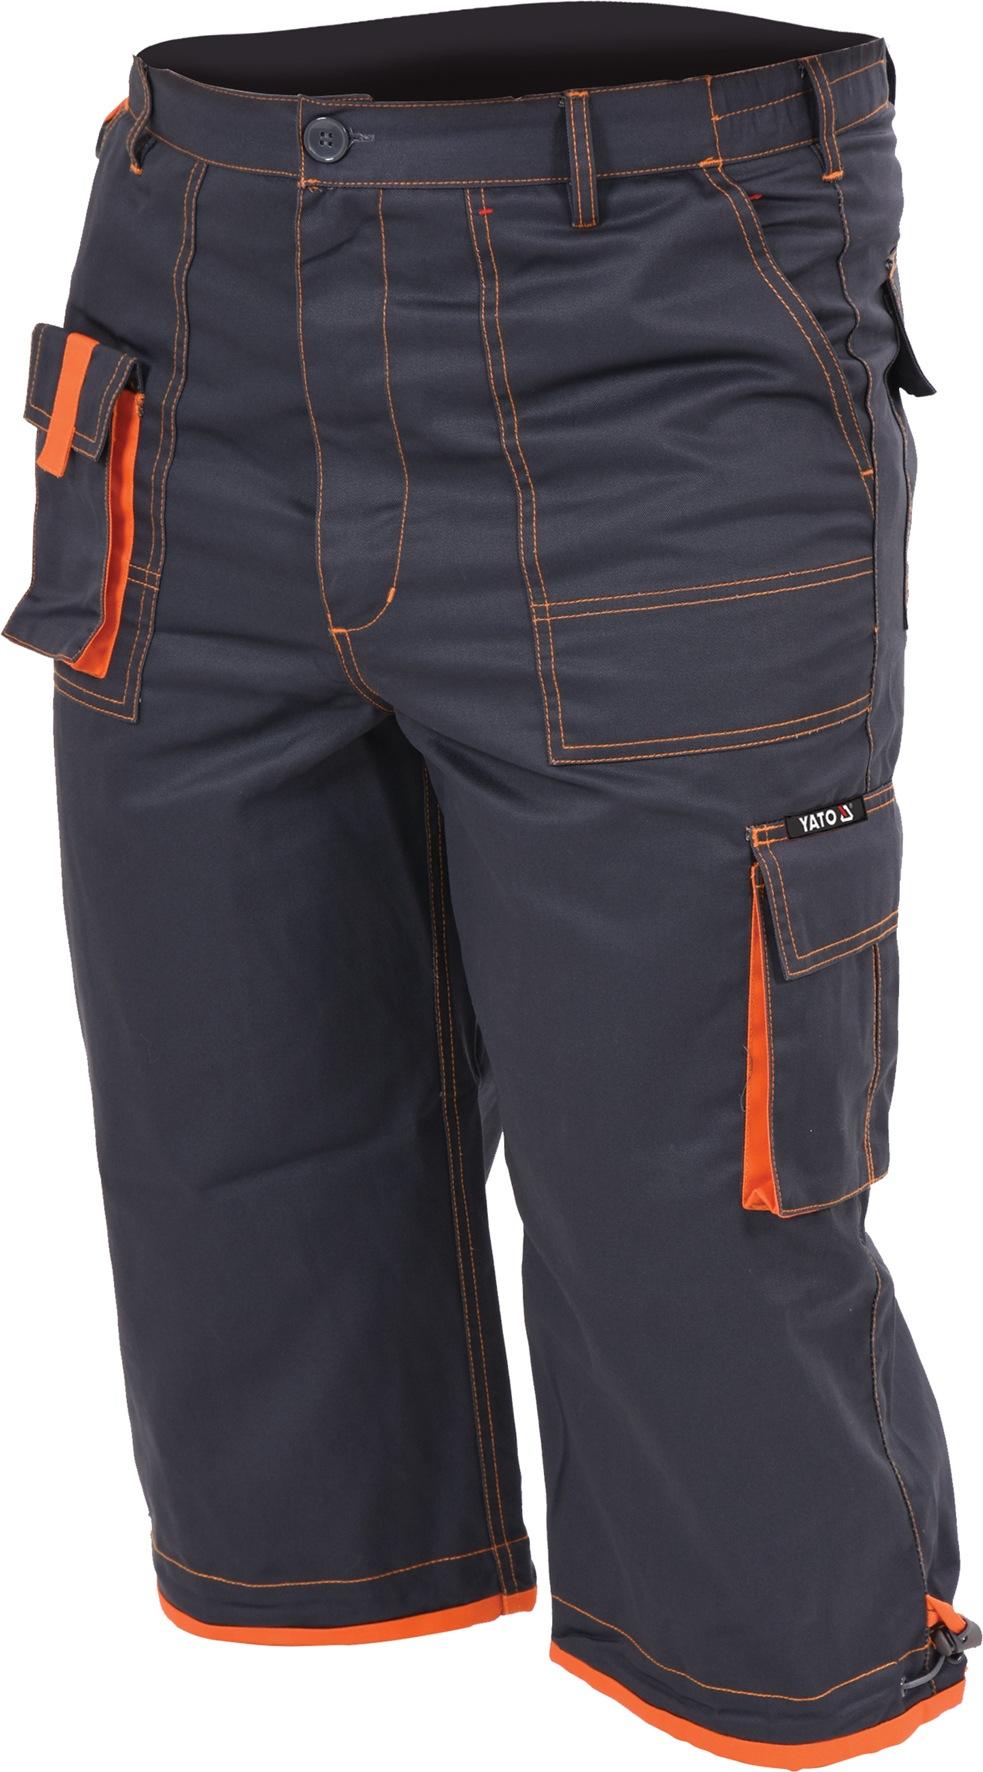 Pracovní kalhoty polokrátké vel.XL